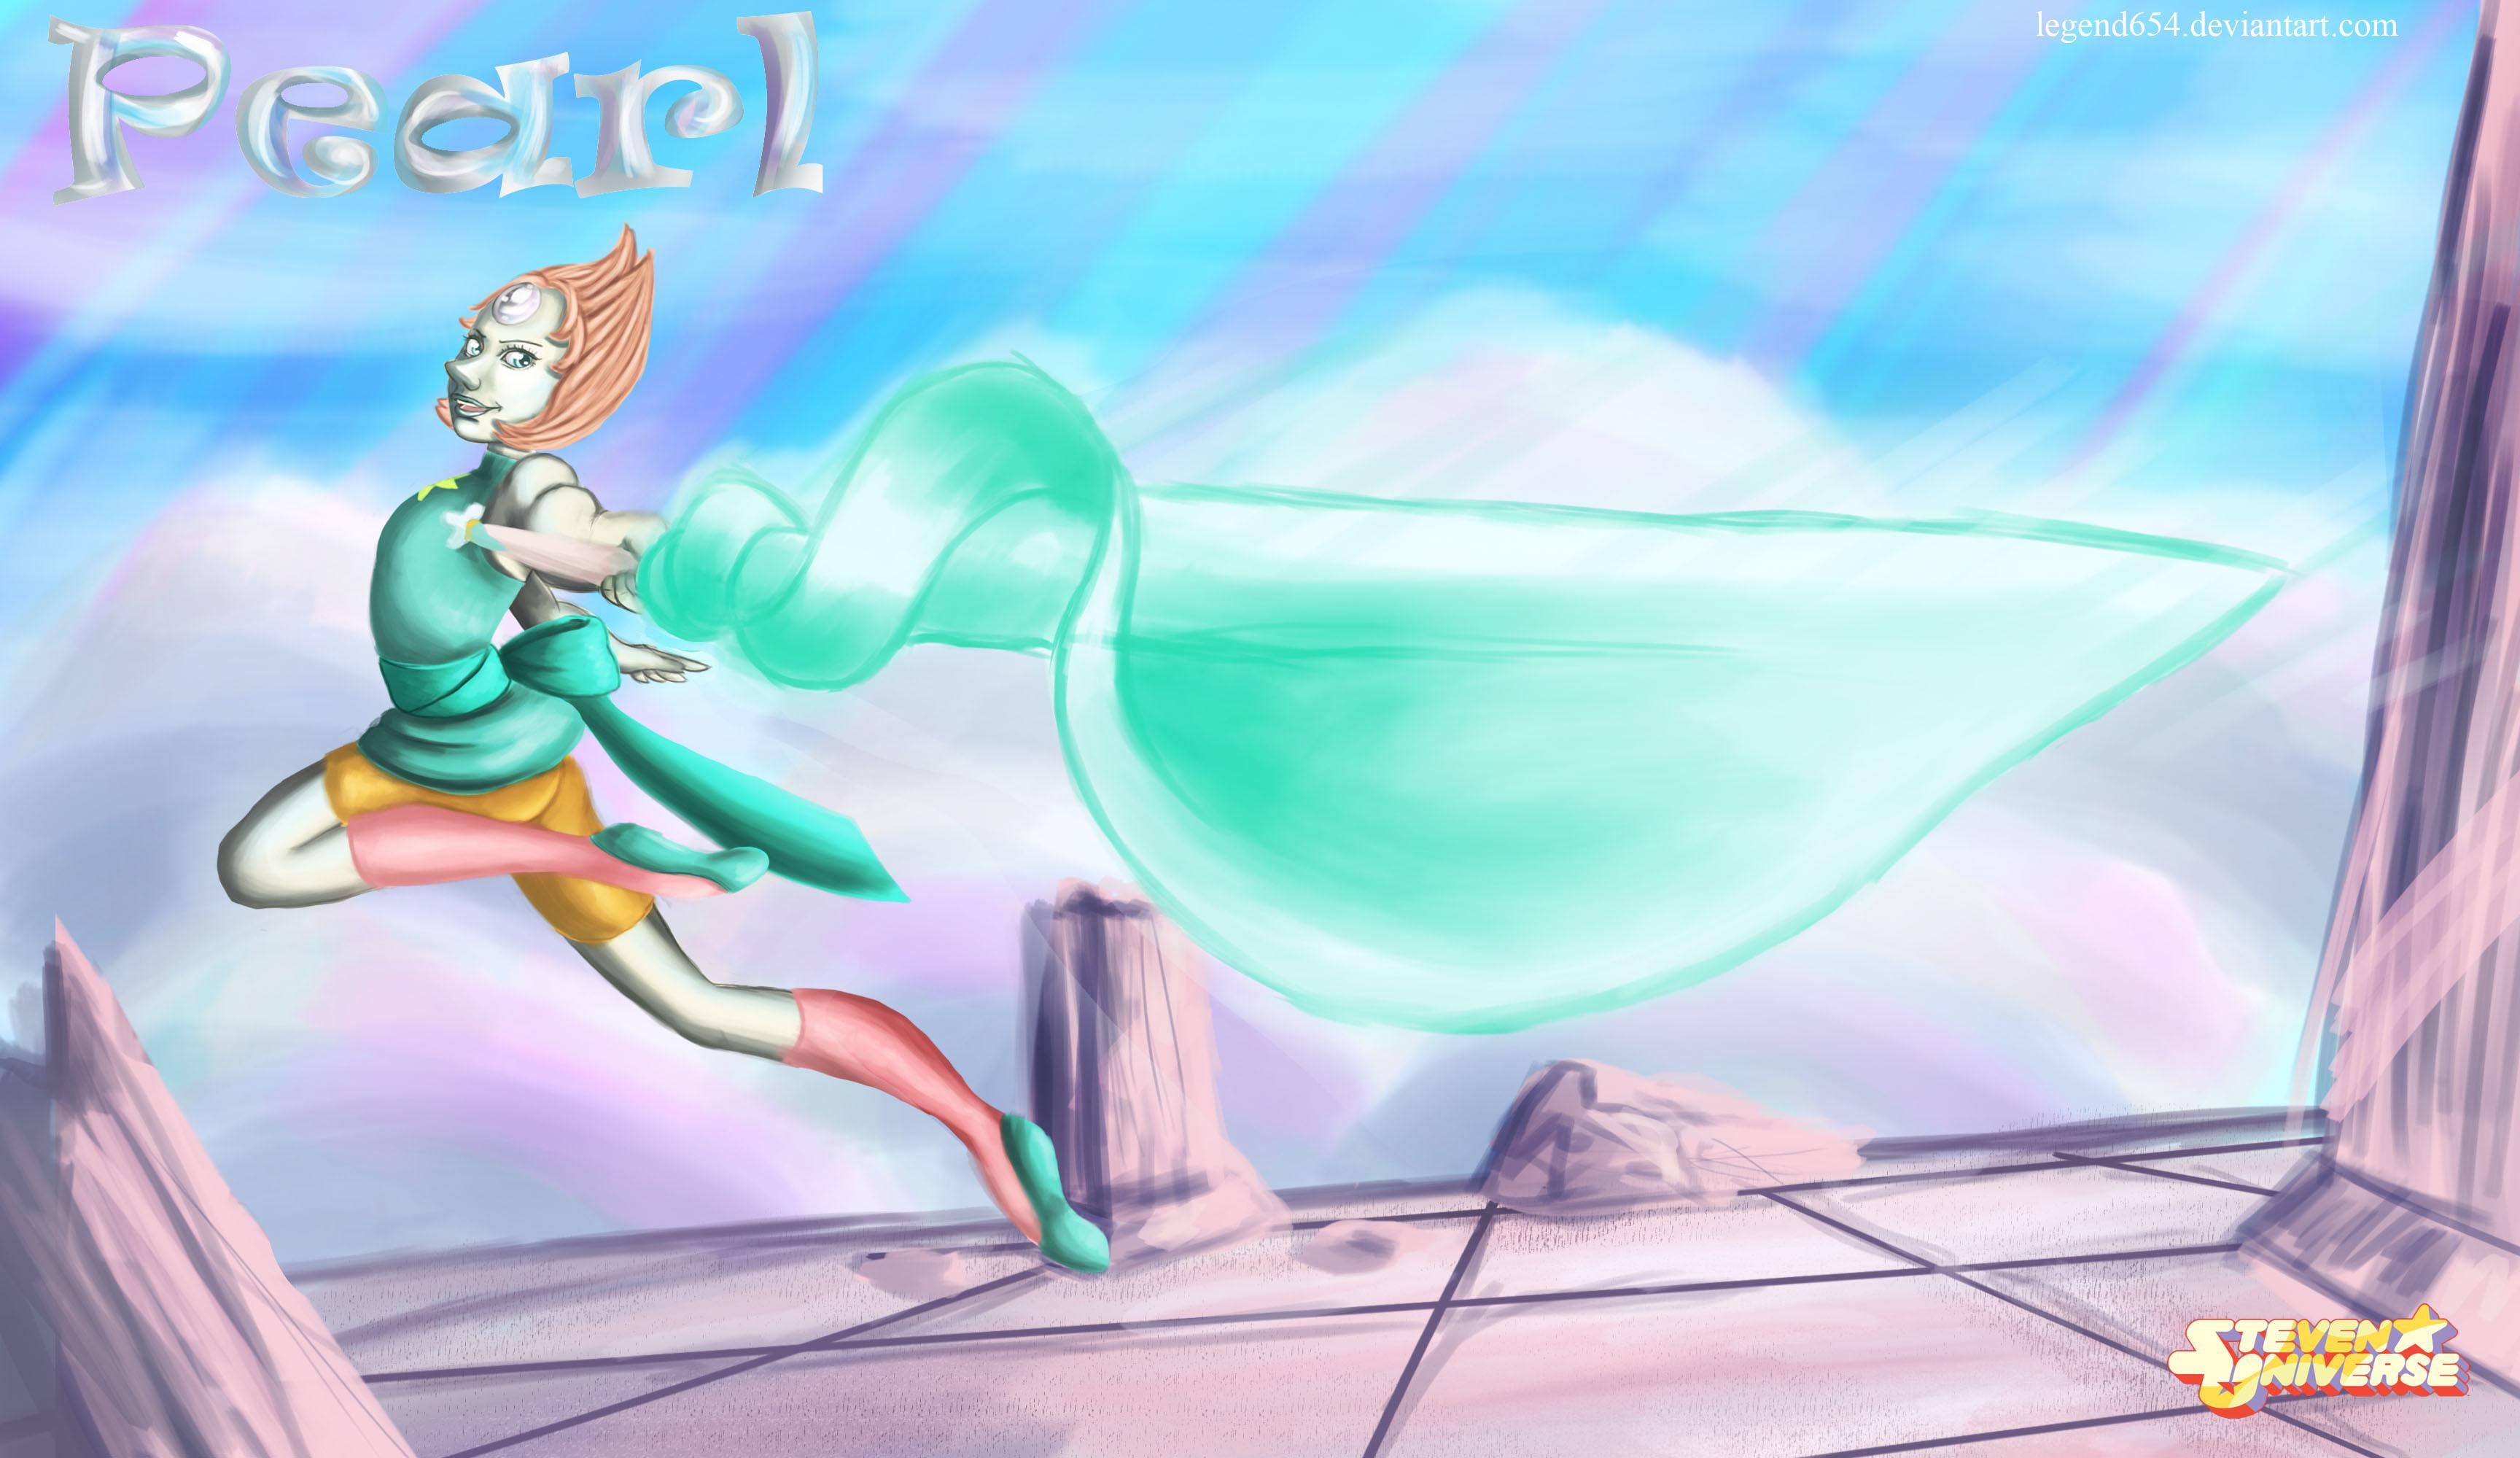 Pearl Steven Universe wallpaper by legend654 on DeviantArt